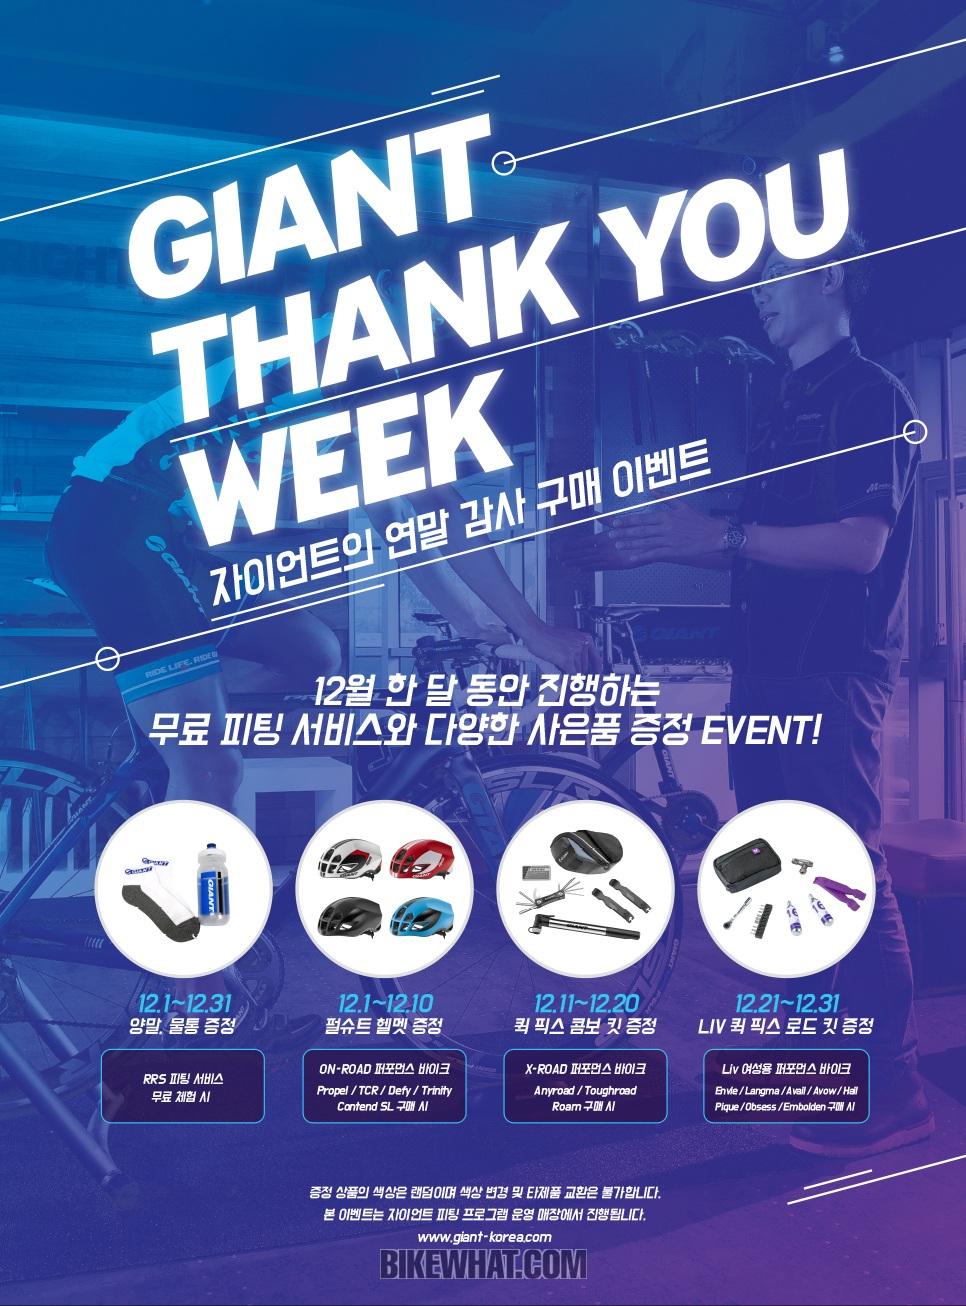 Giant_Thankyou_week_01.jpg